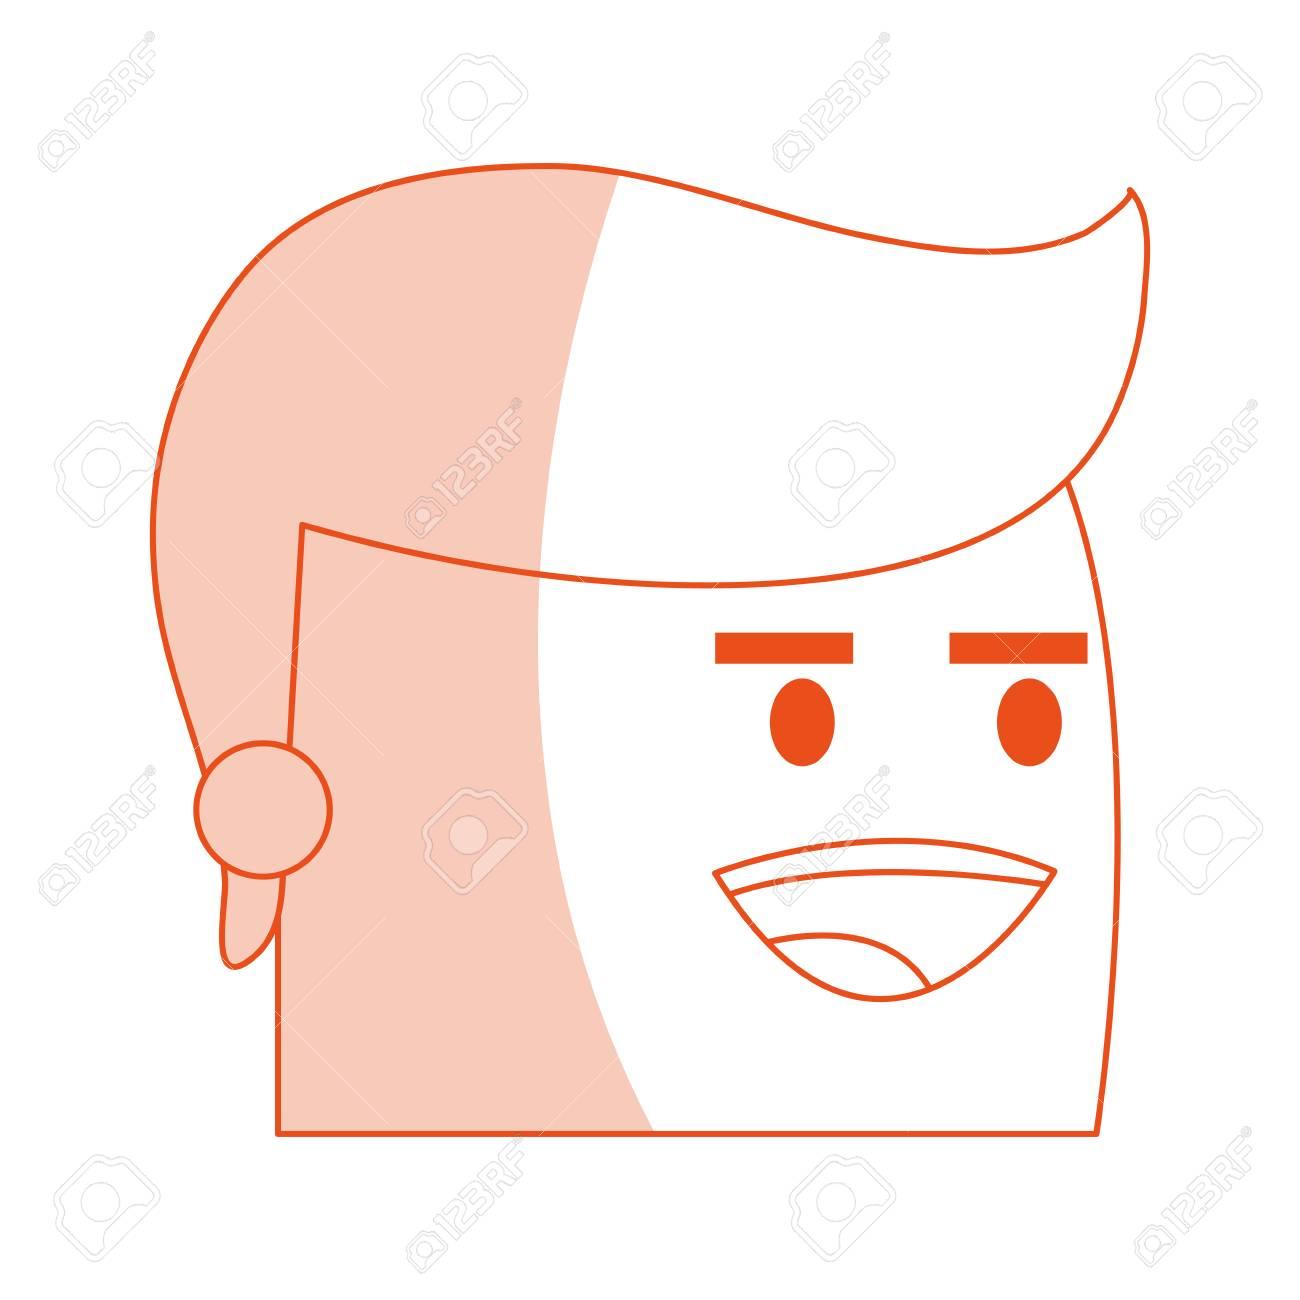 赤いシルエット画像サイド ビュー顔漫画男笑顔式ベクトル イラストの